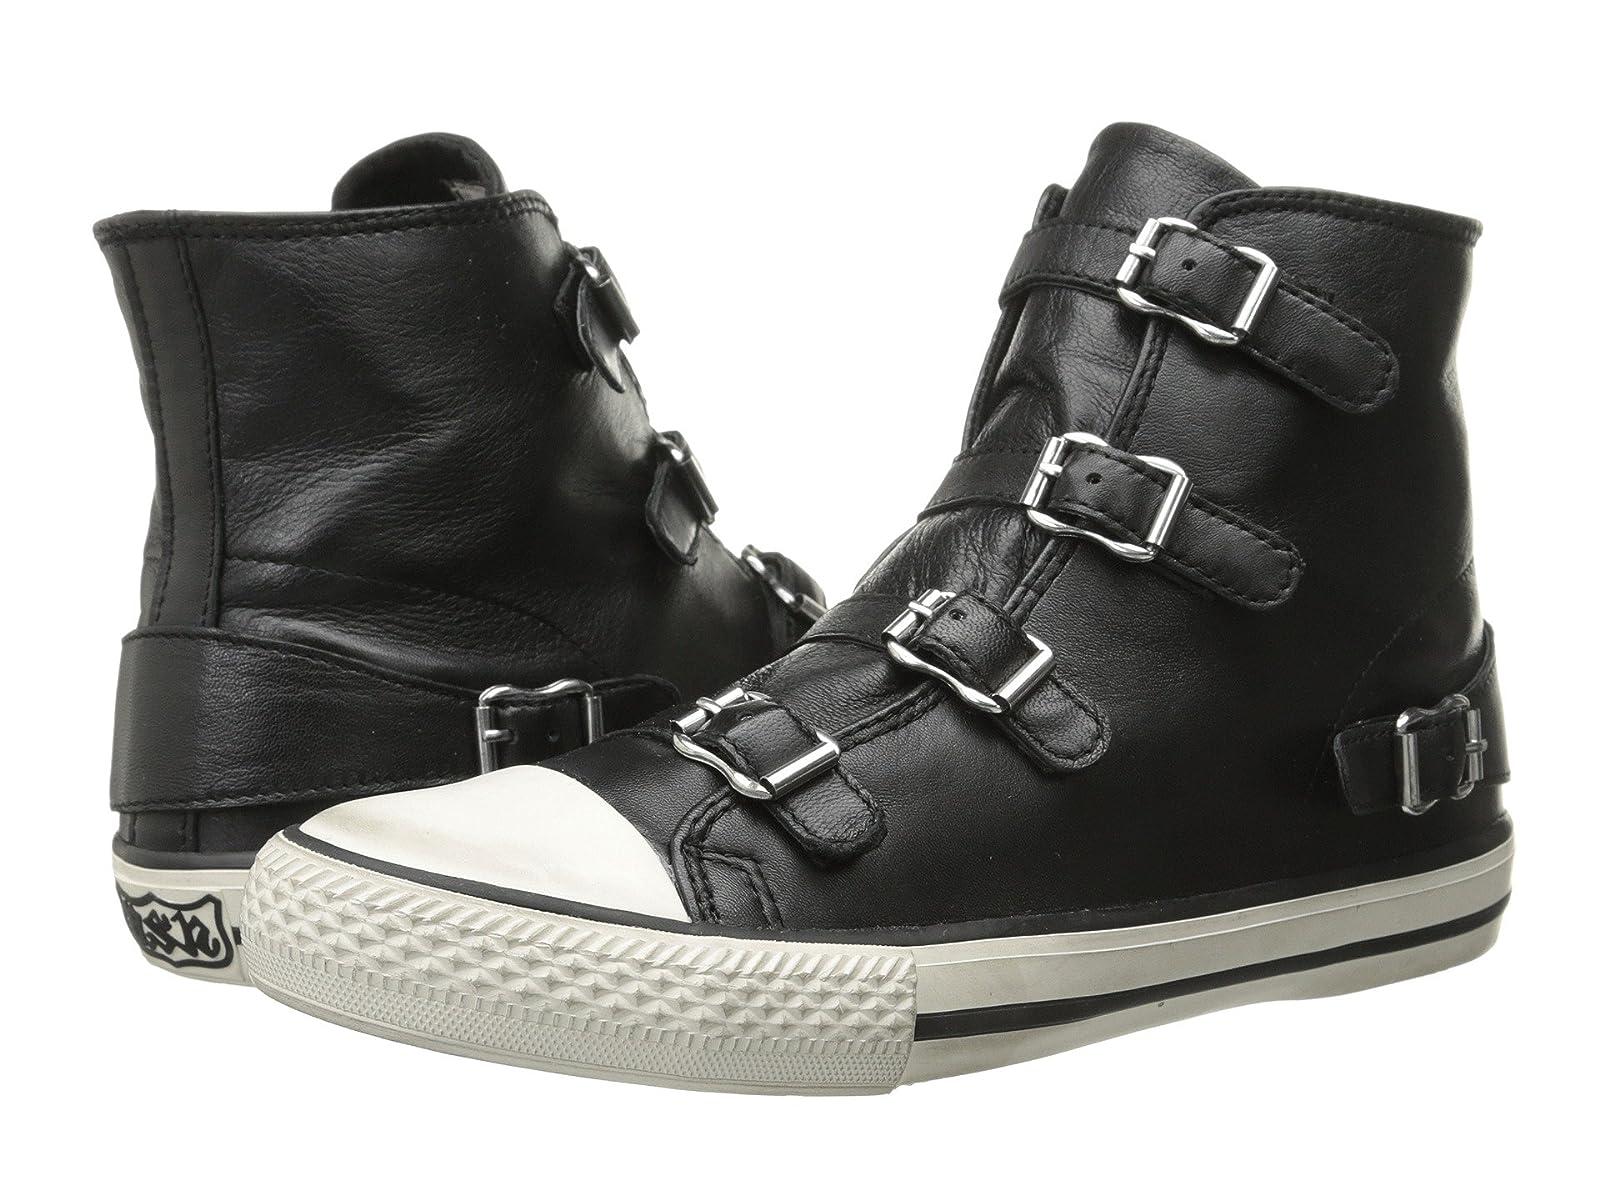 ASH VirginAtmospheric grades have affordable shoes